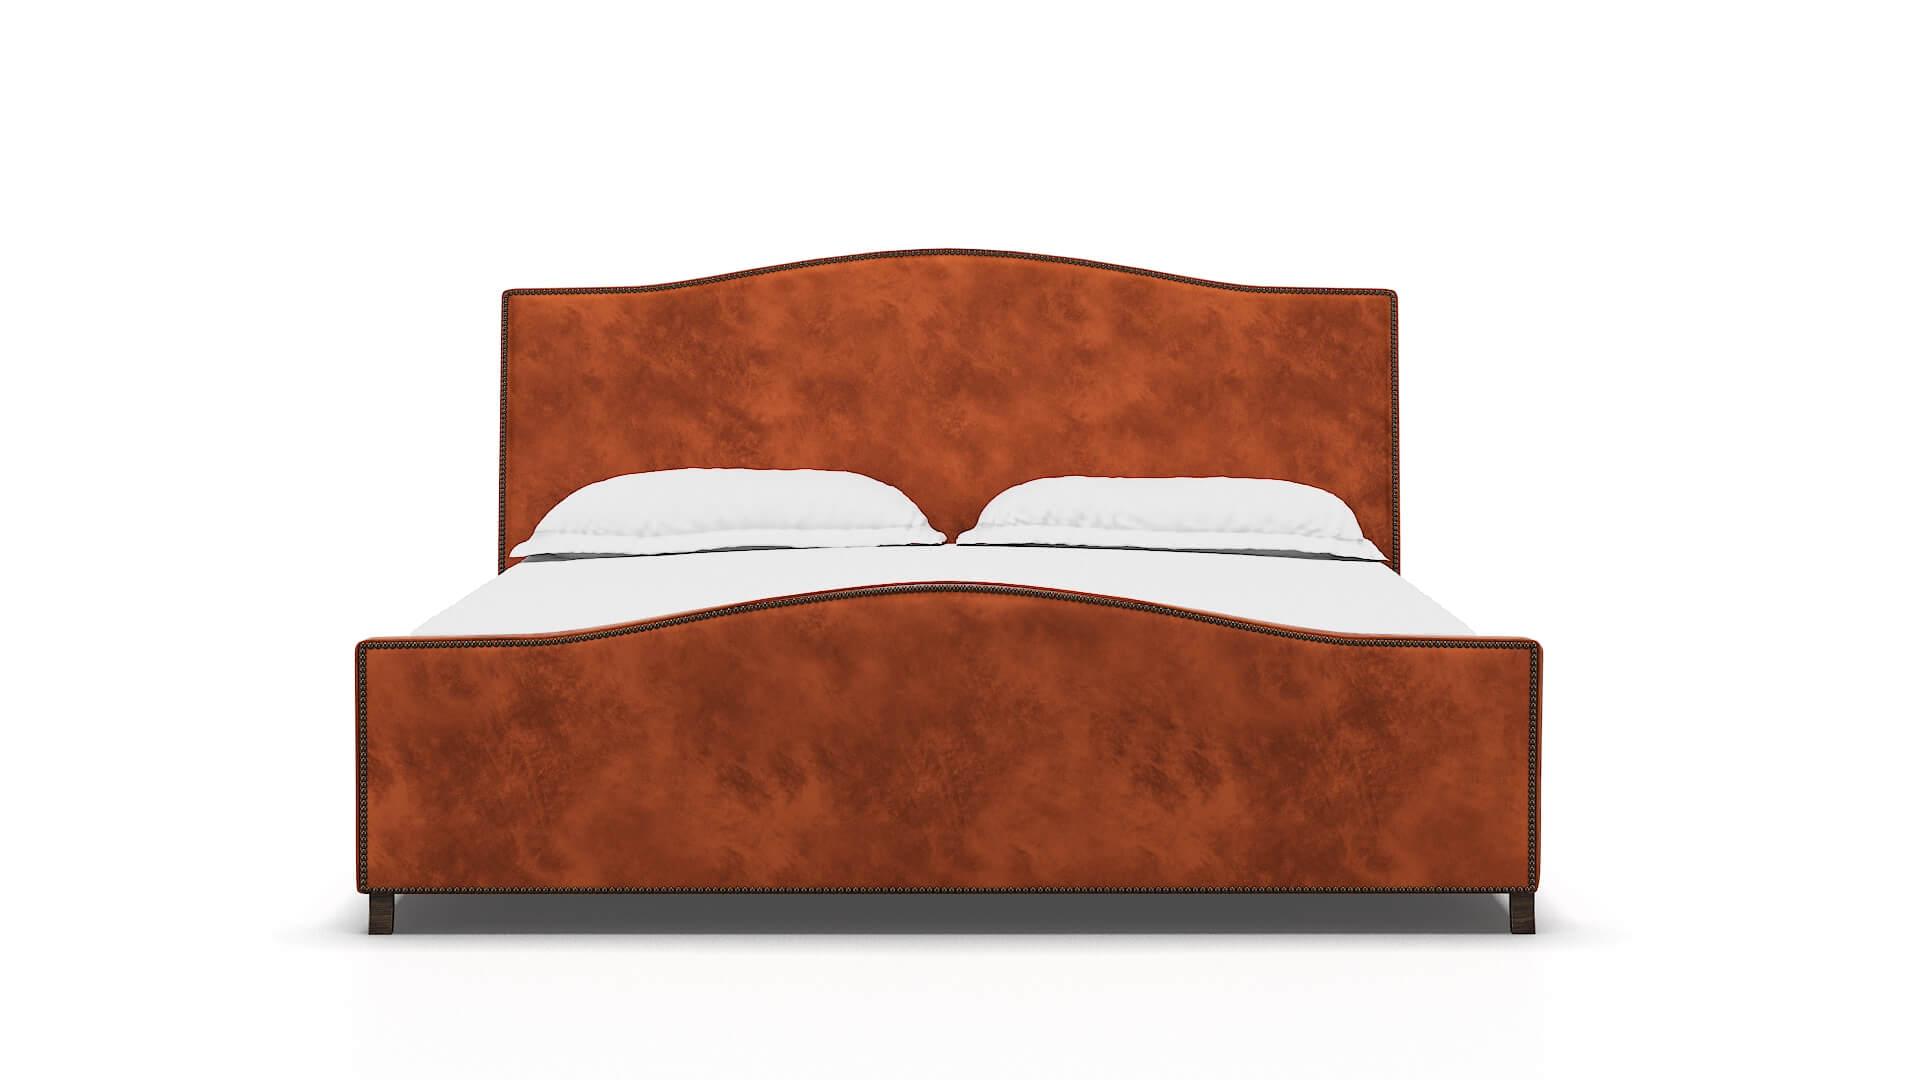 Prato Loft Copper Bed King espresso legs 1